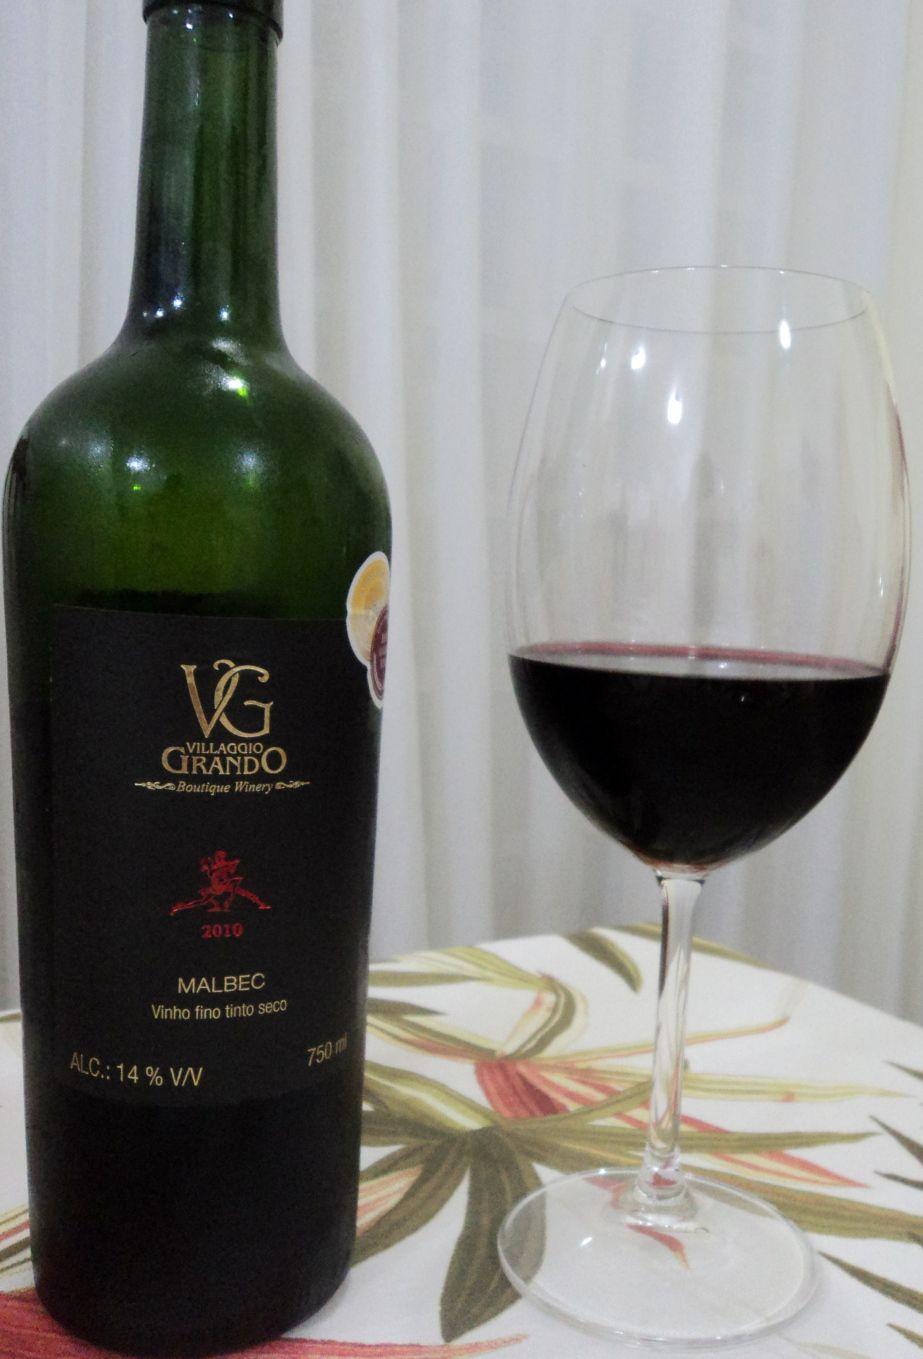 Vinho muito bom da Vinícola Villaggio Grando, combinou muito bem com a mesa de frios !!!!!!!!